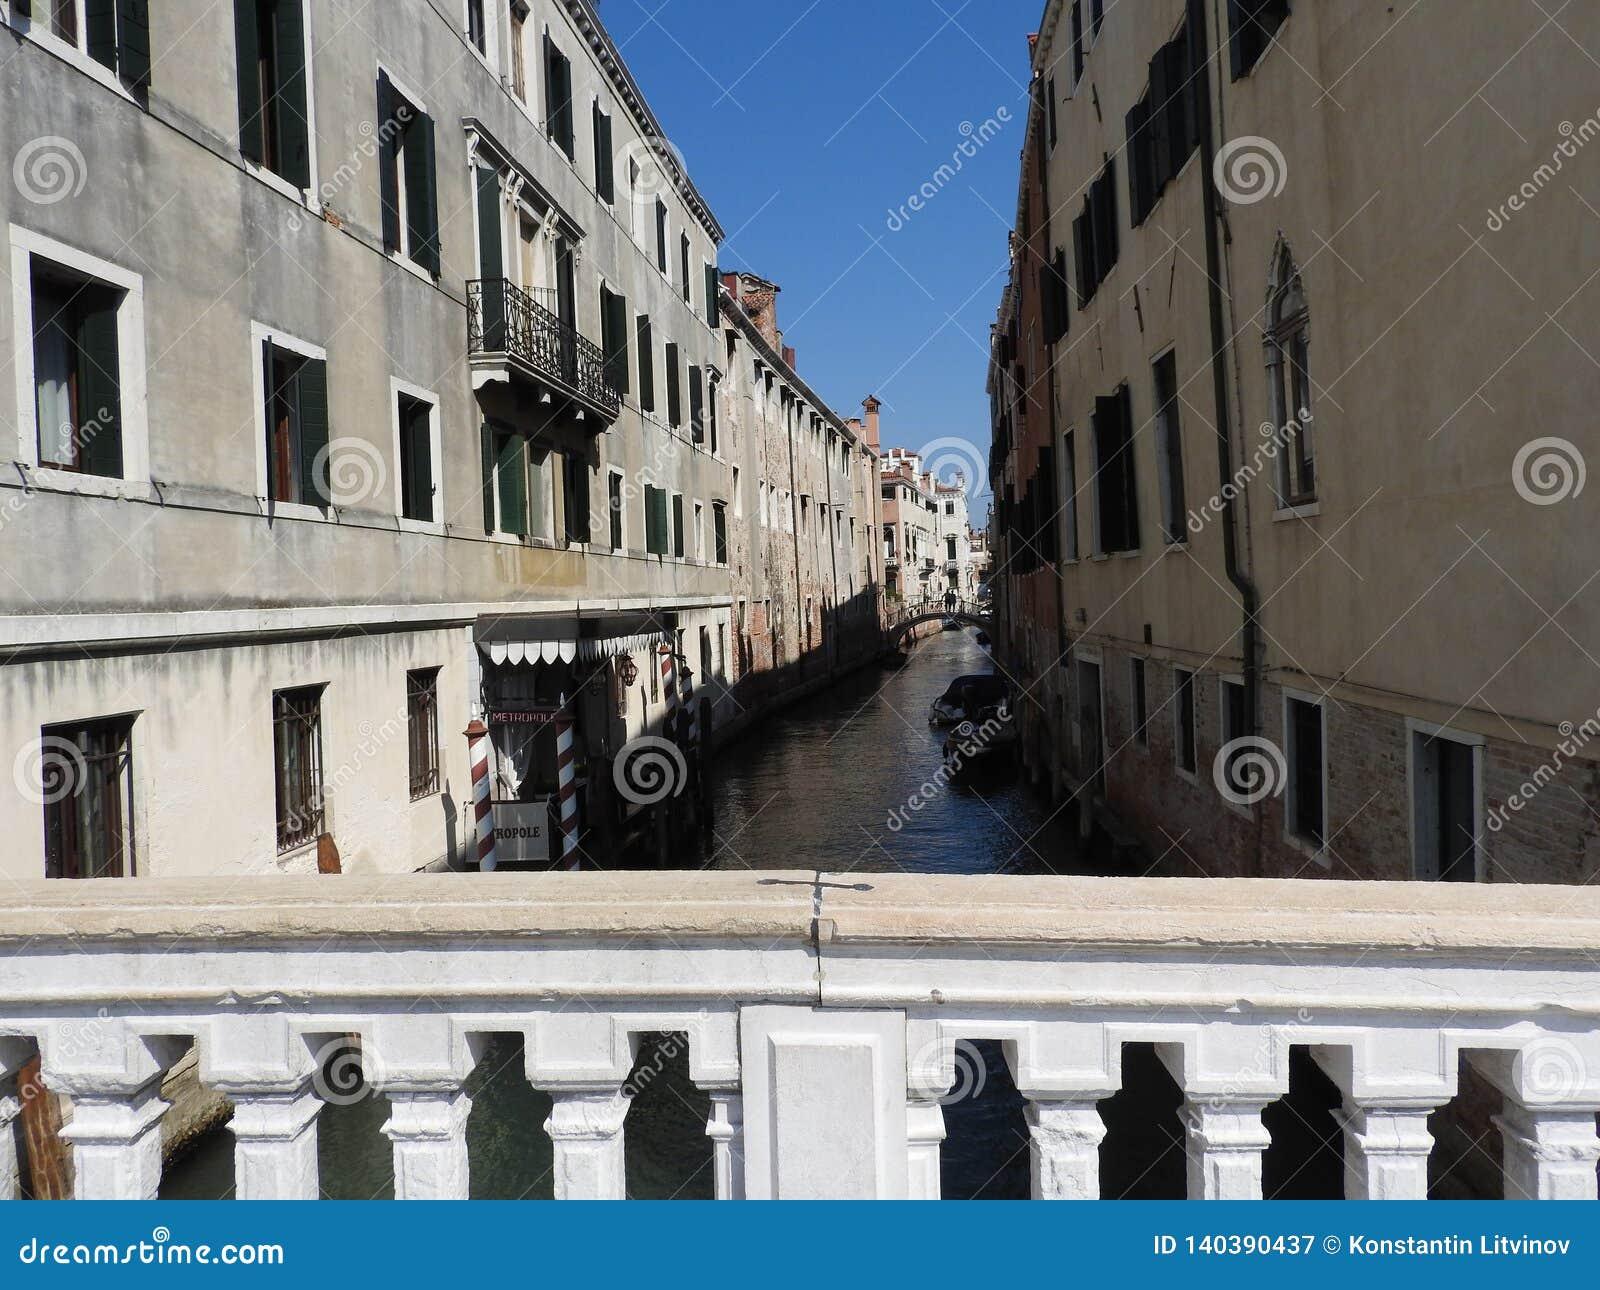 Έξοχη αρχιτεκτονική της Βενετίας, της Ιταλίας, των προσόψεων πετρών και των στοιχείων σχεδίου, ένα ταξίδι στην Ευρώπη